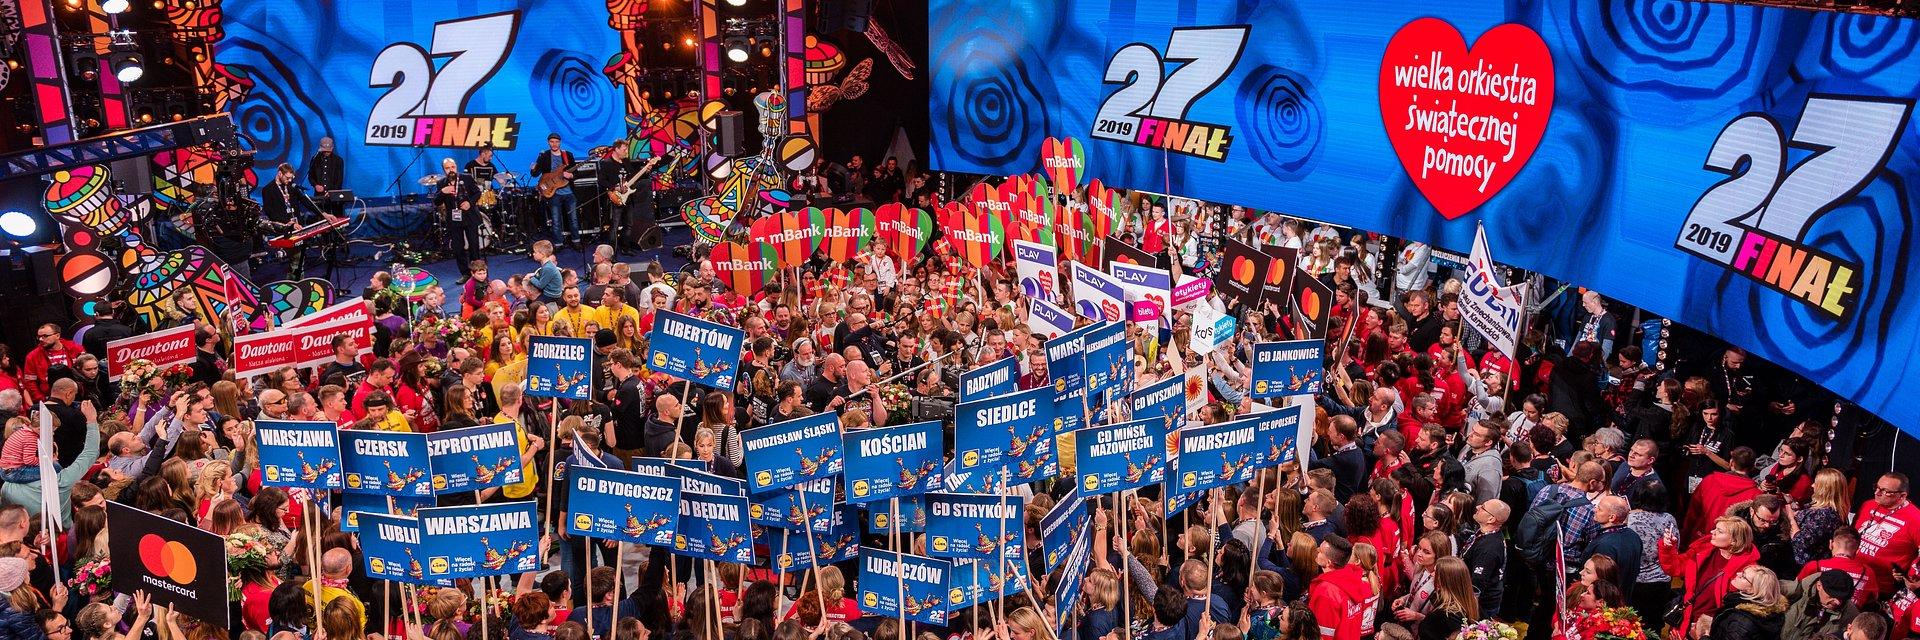 Przełomowy moment w historii WOŚP: Uzbieraliśmy miliard złotych!